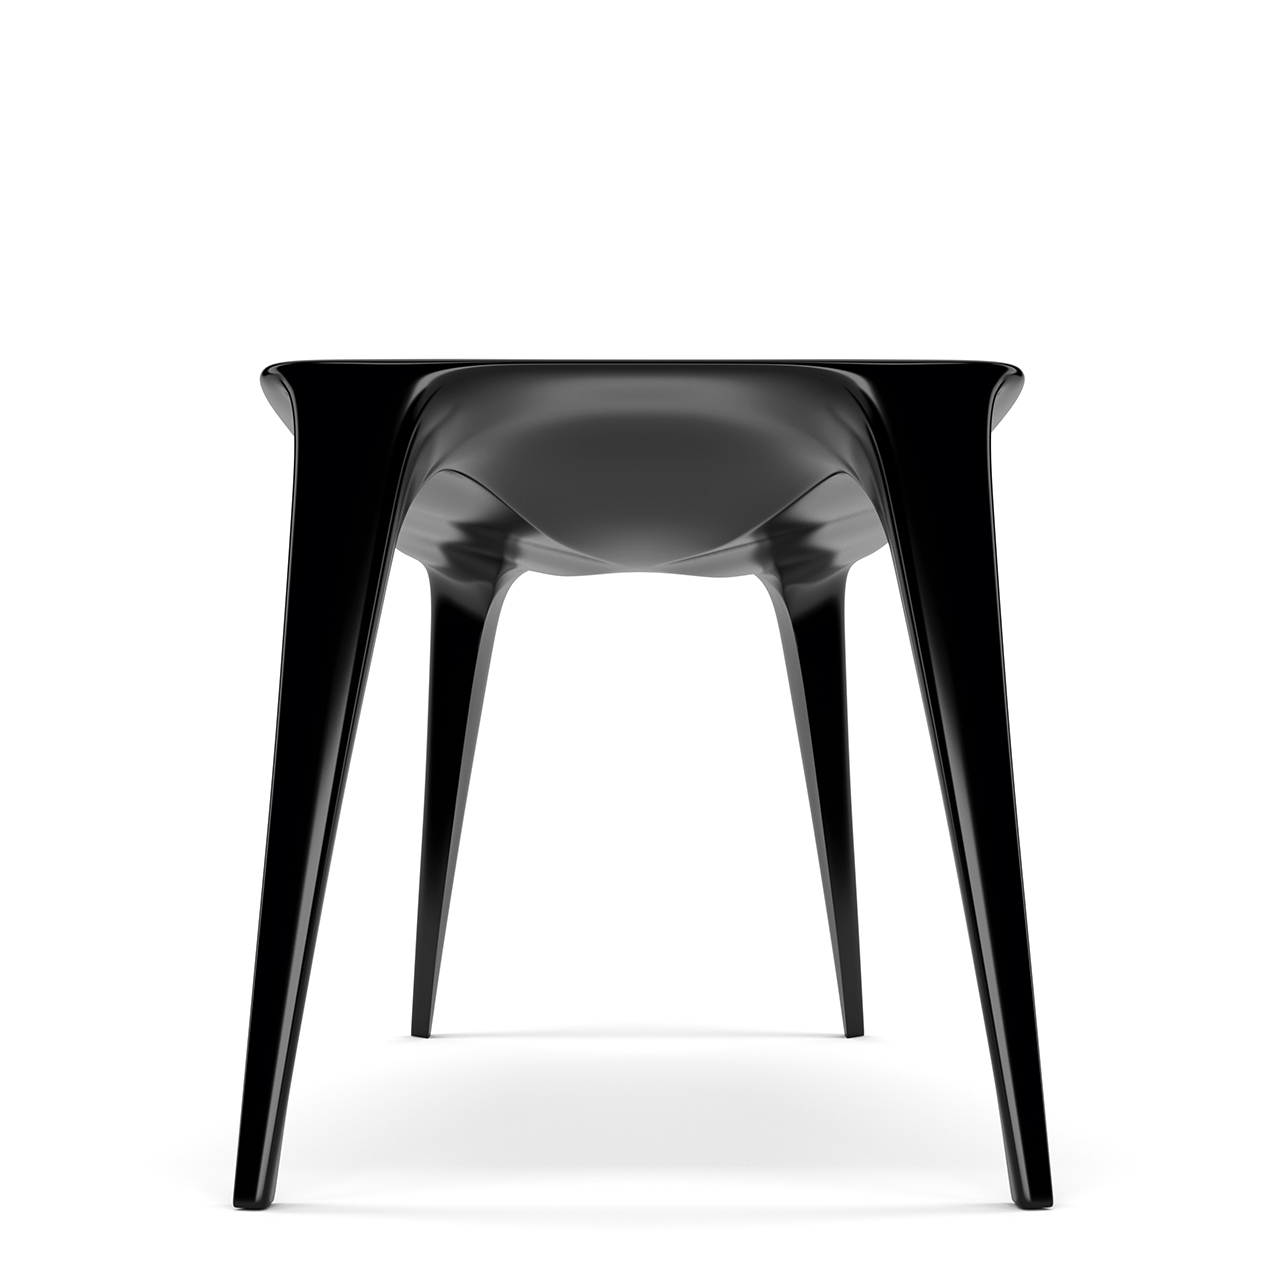 Ursula zad zone of absolute designtavoli design in for Produttori tavoli